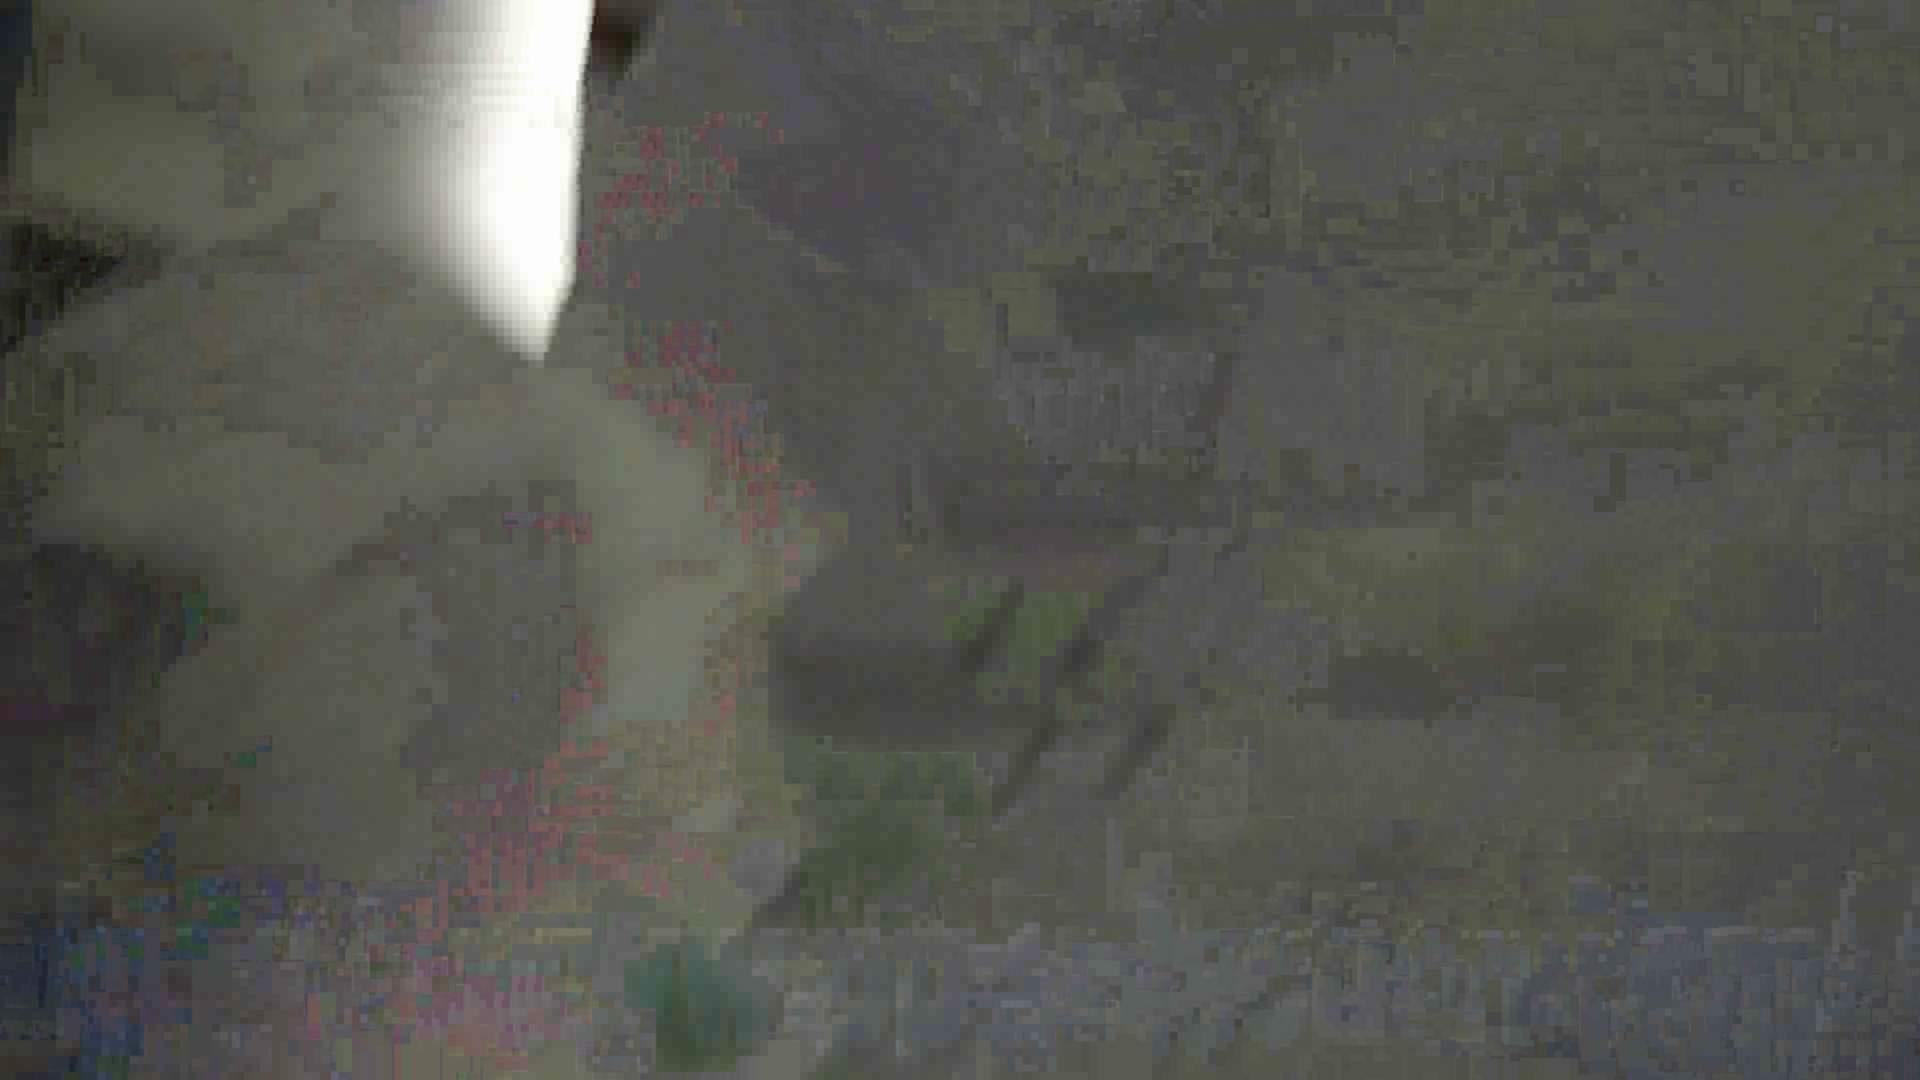 なんだこれVol.14 特別値下げ!可愛いなら町まで追っかけます! テクニック AV動画キャプチャ 80pic 28